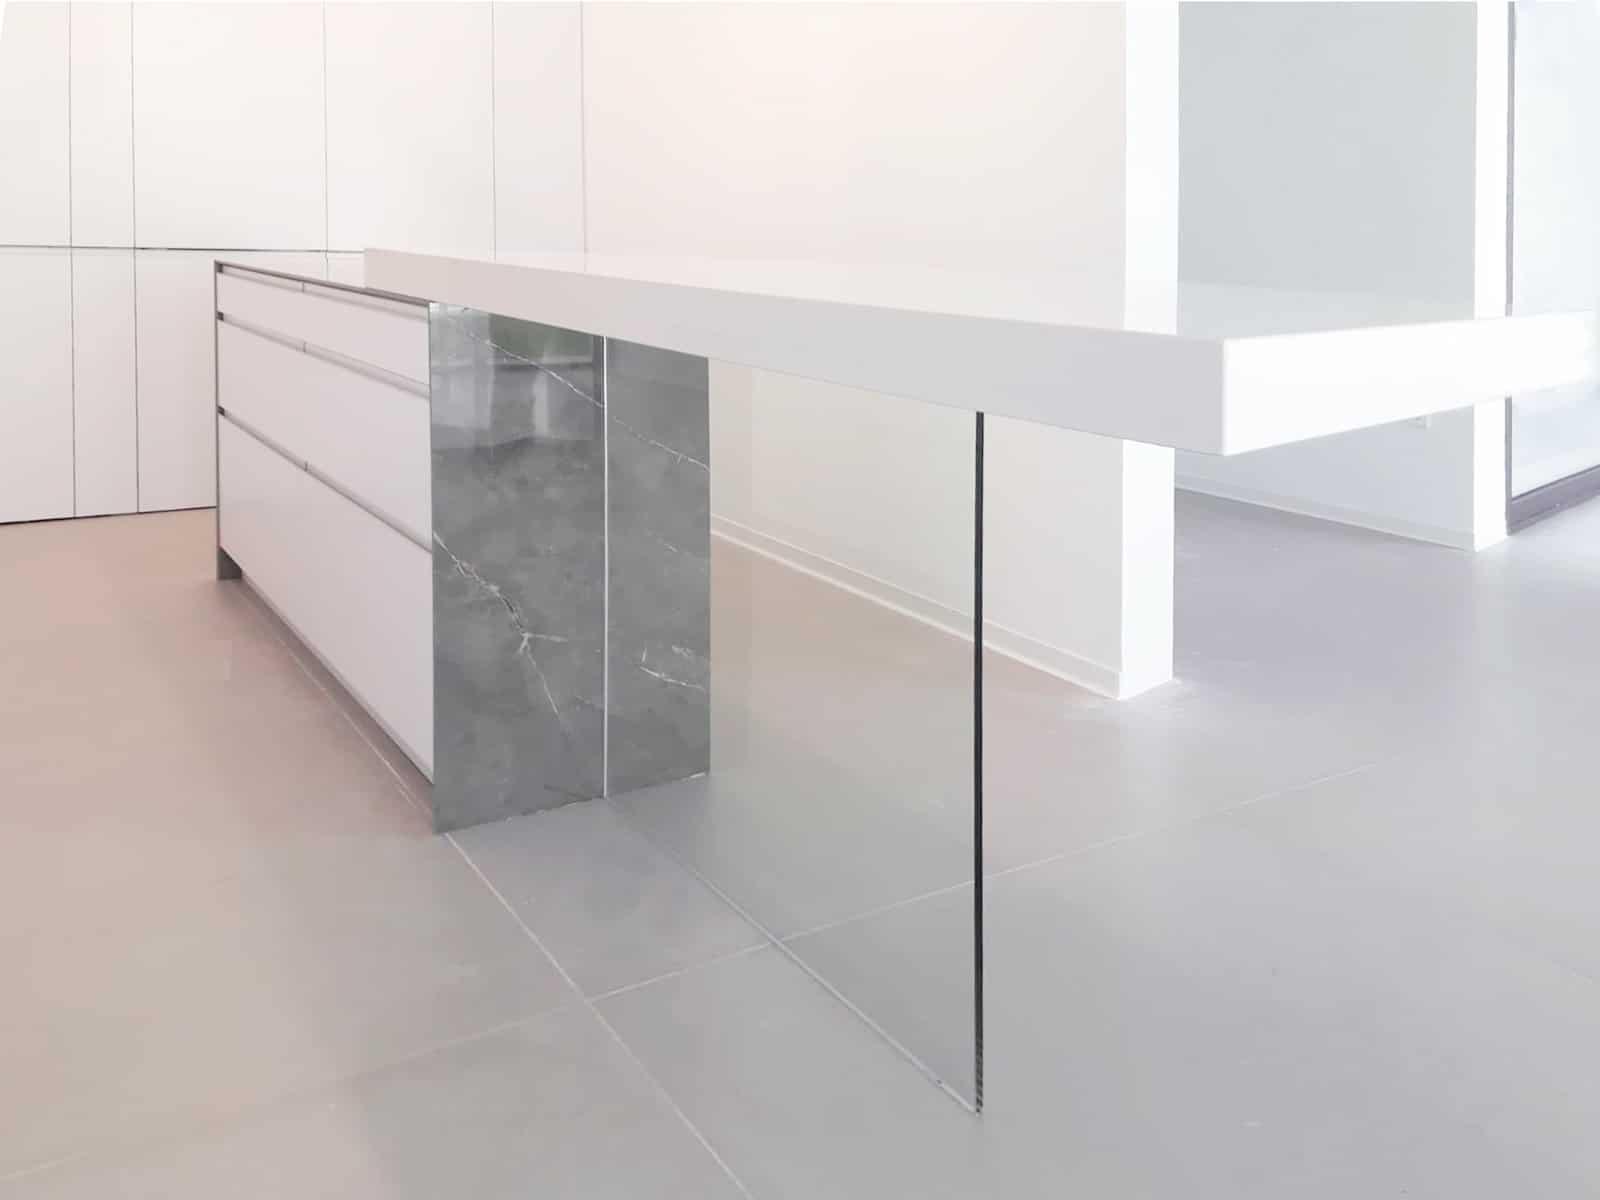 Vista de detalle de barra de encimera en isla de cocina con apoyo de cristal